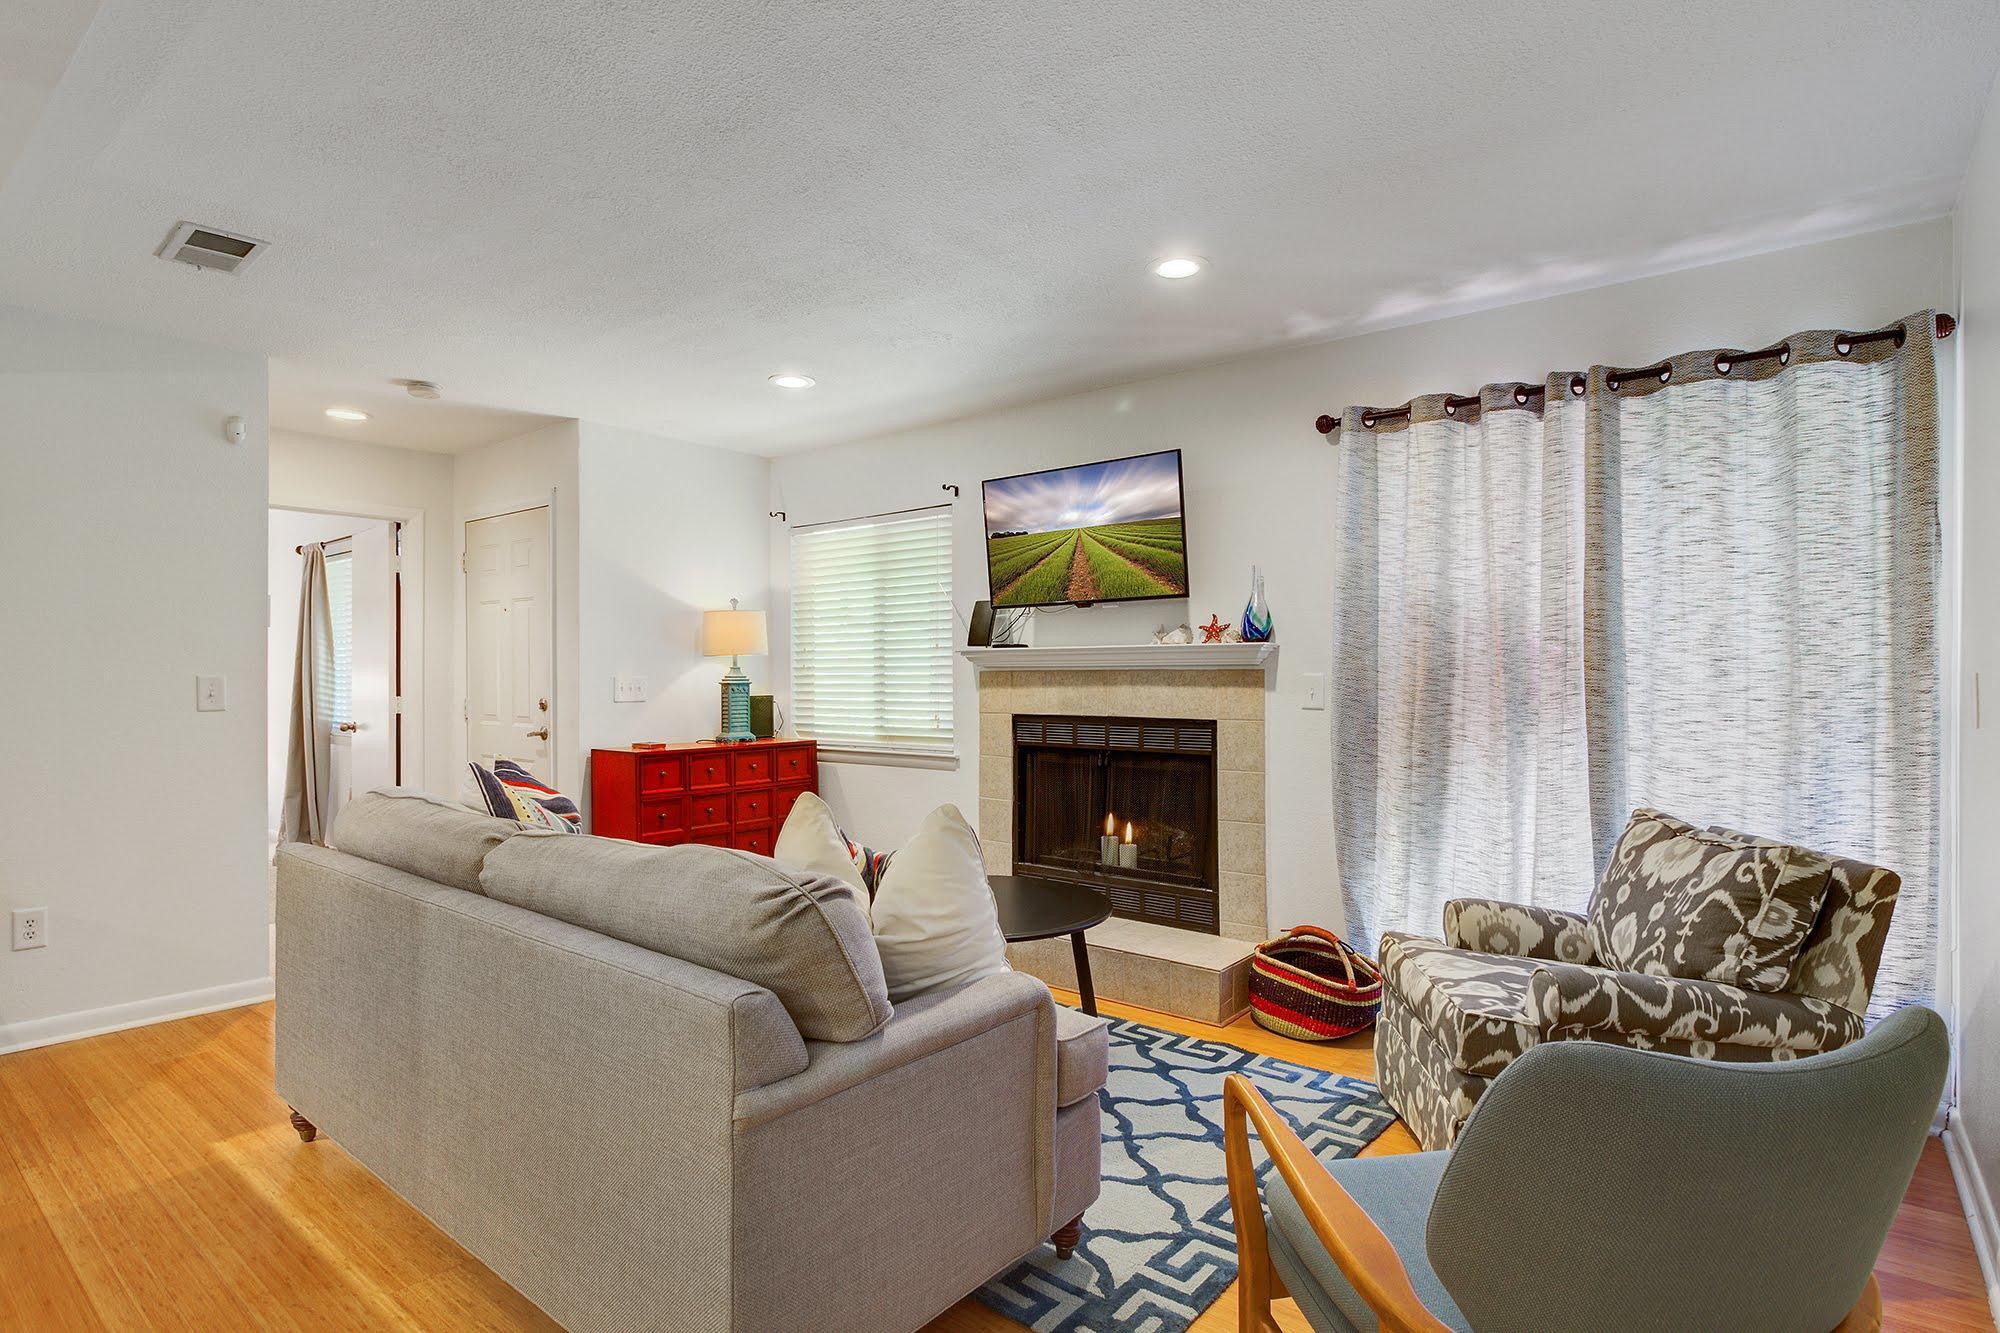 East Bridge Town Lofts Homes For Sale - 273 Alexandra, Mount Pleasant, SC - 13